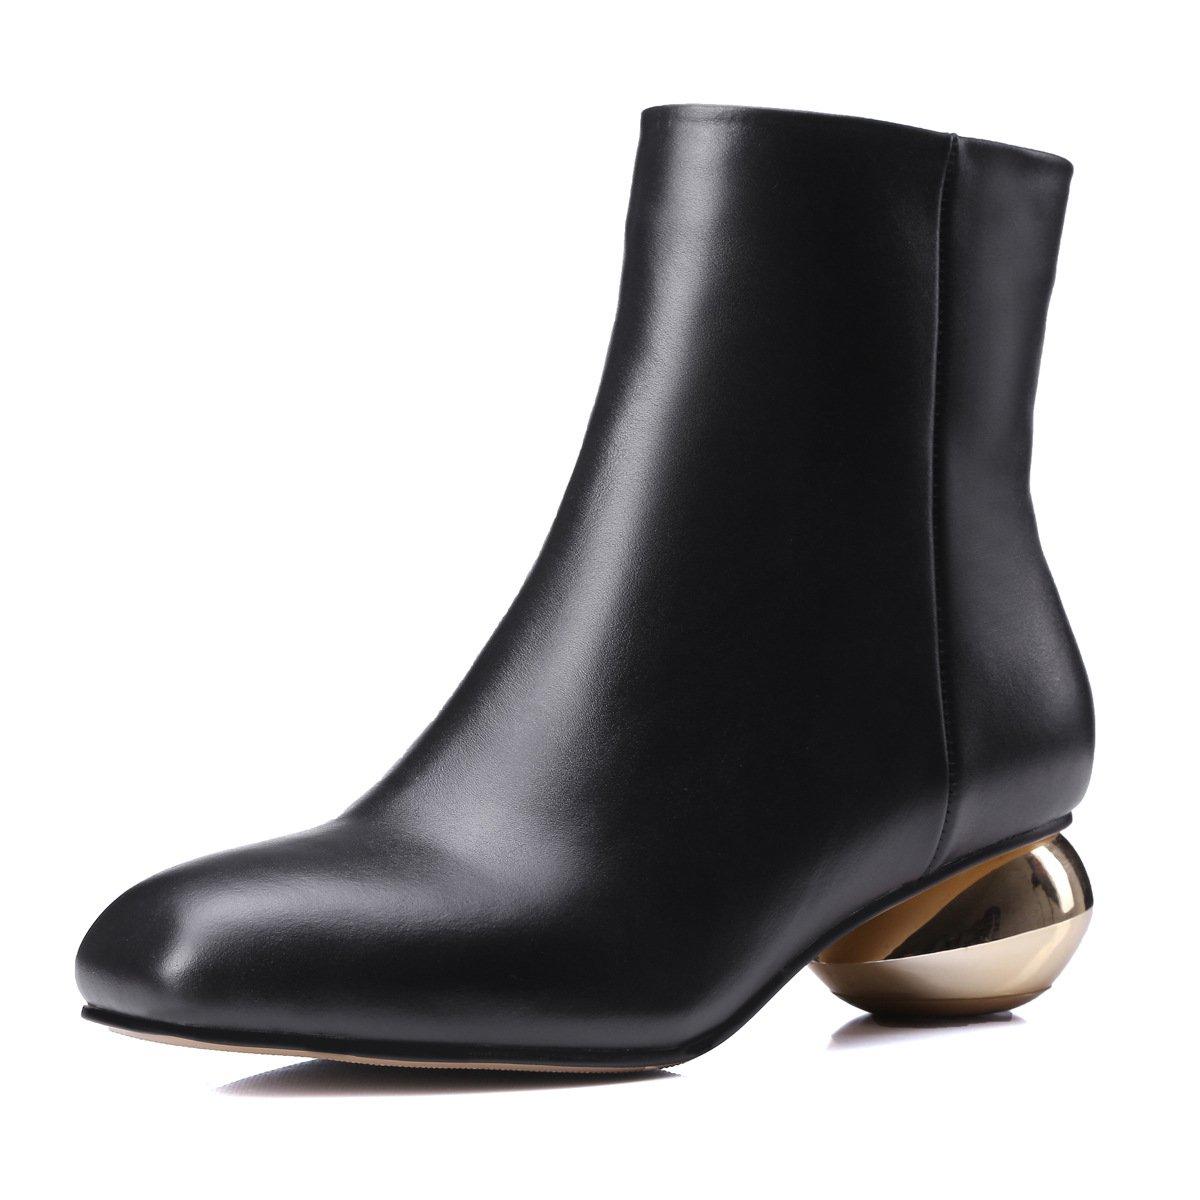 0f7786258781d DYF Botas Zapatos de Mujer Botas DYF Cortas tal oacute n Heterosexual  Cabeza Cuadrada de Color s oacute lido 833cf9